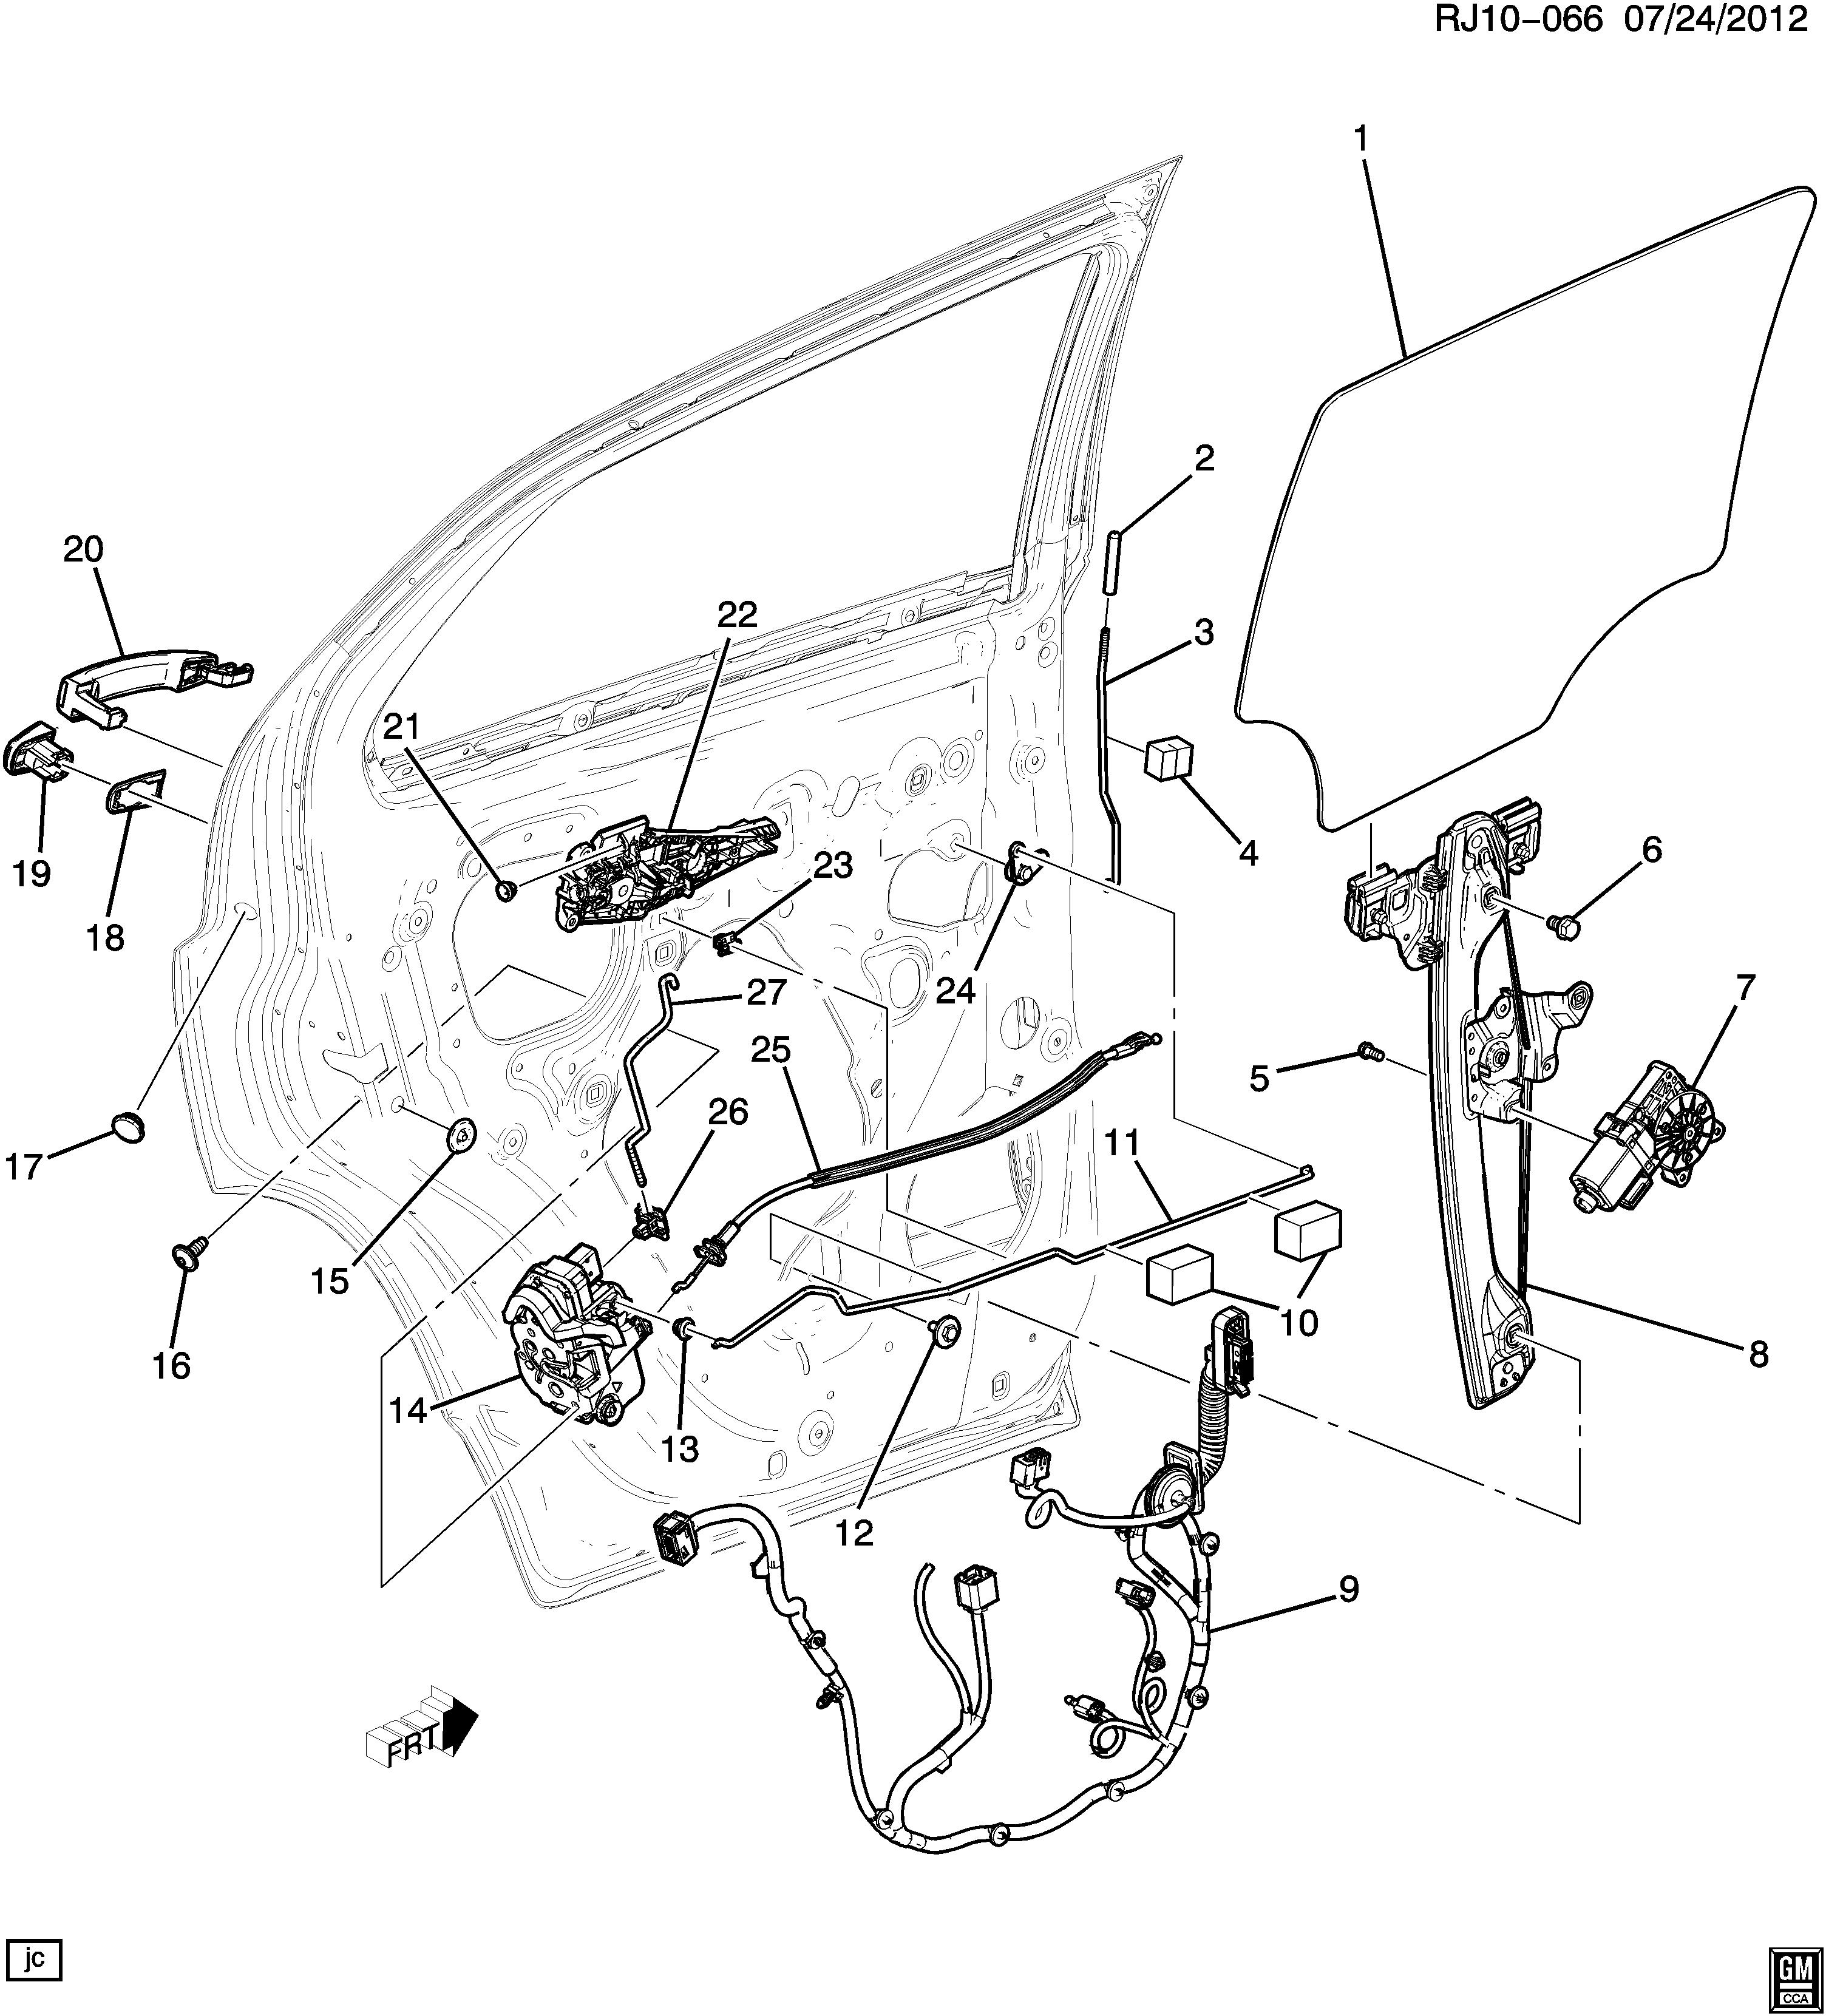 Buick Door Parts Diagram